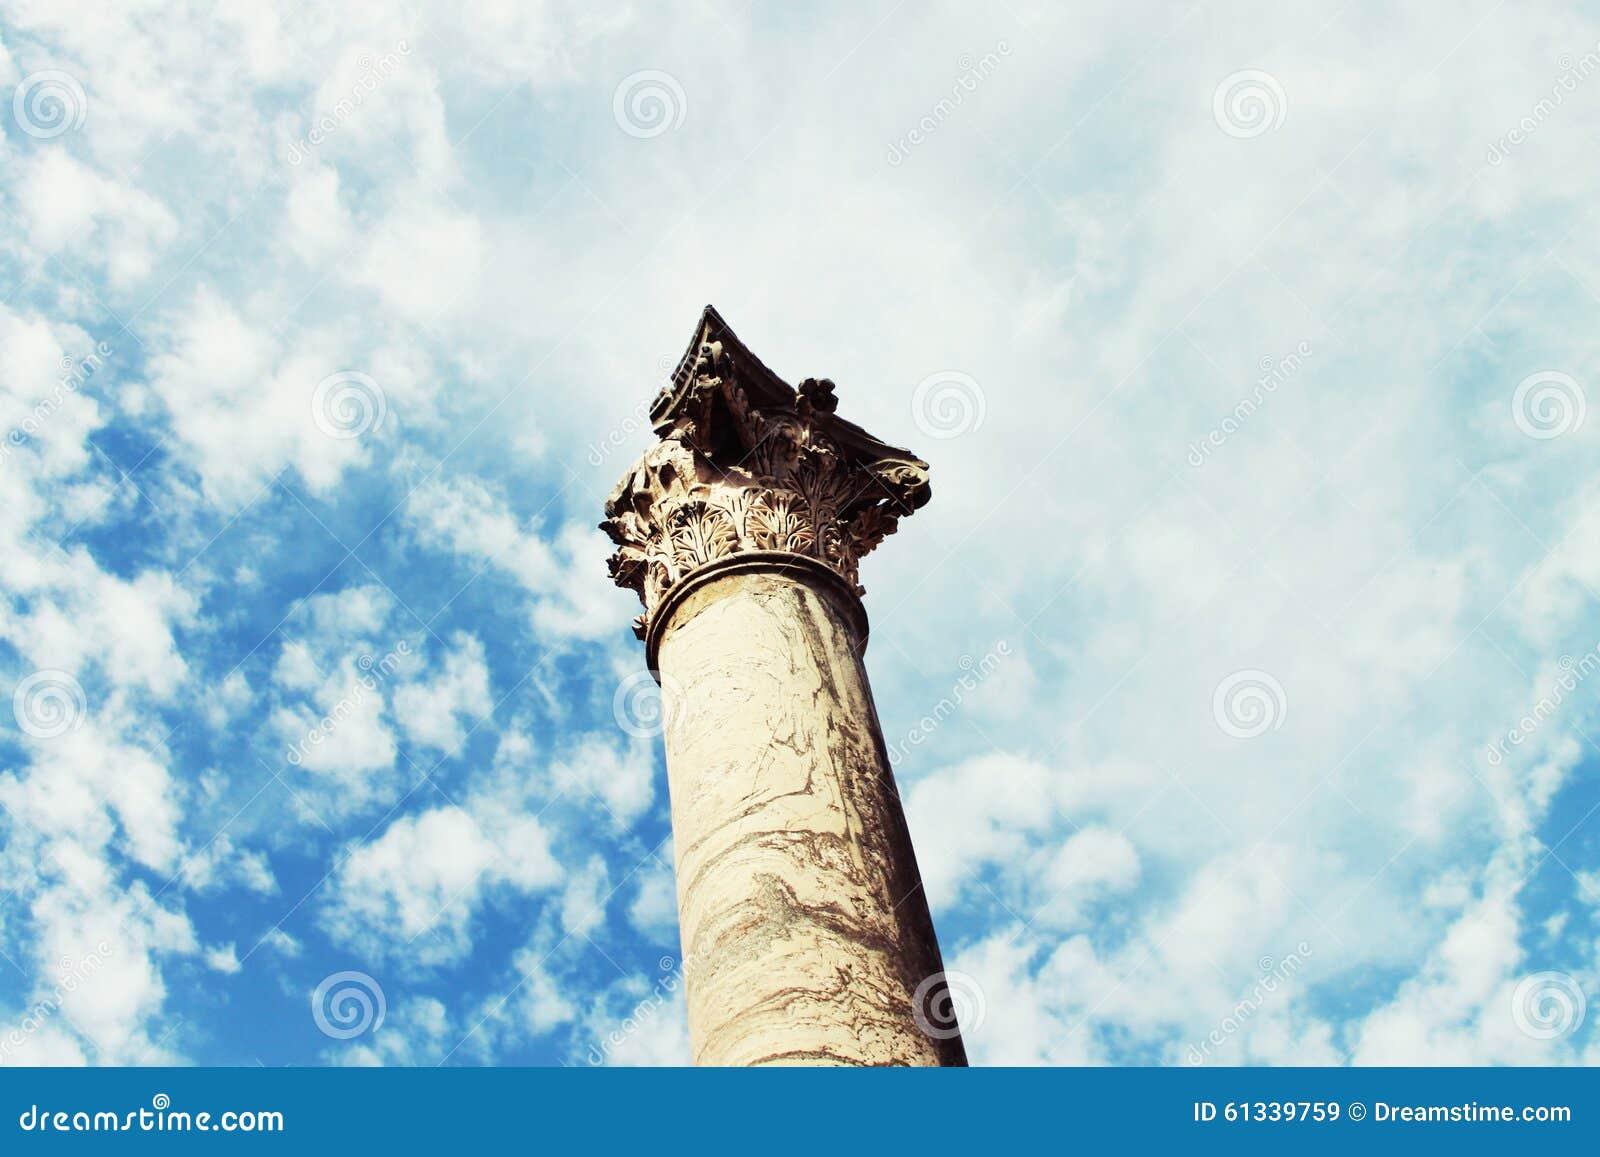 Ancient column stock photo image 61339759 for Mr arredamenti ostia antica